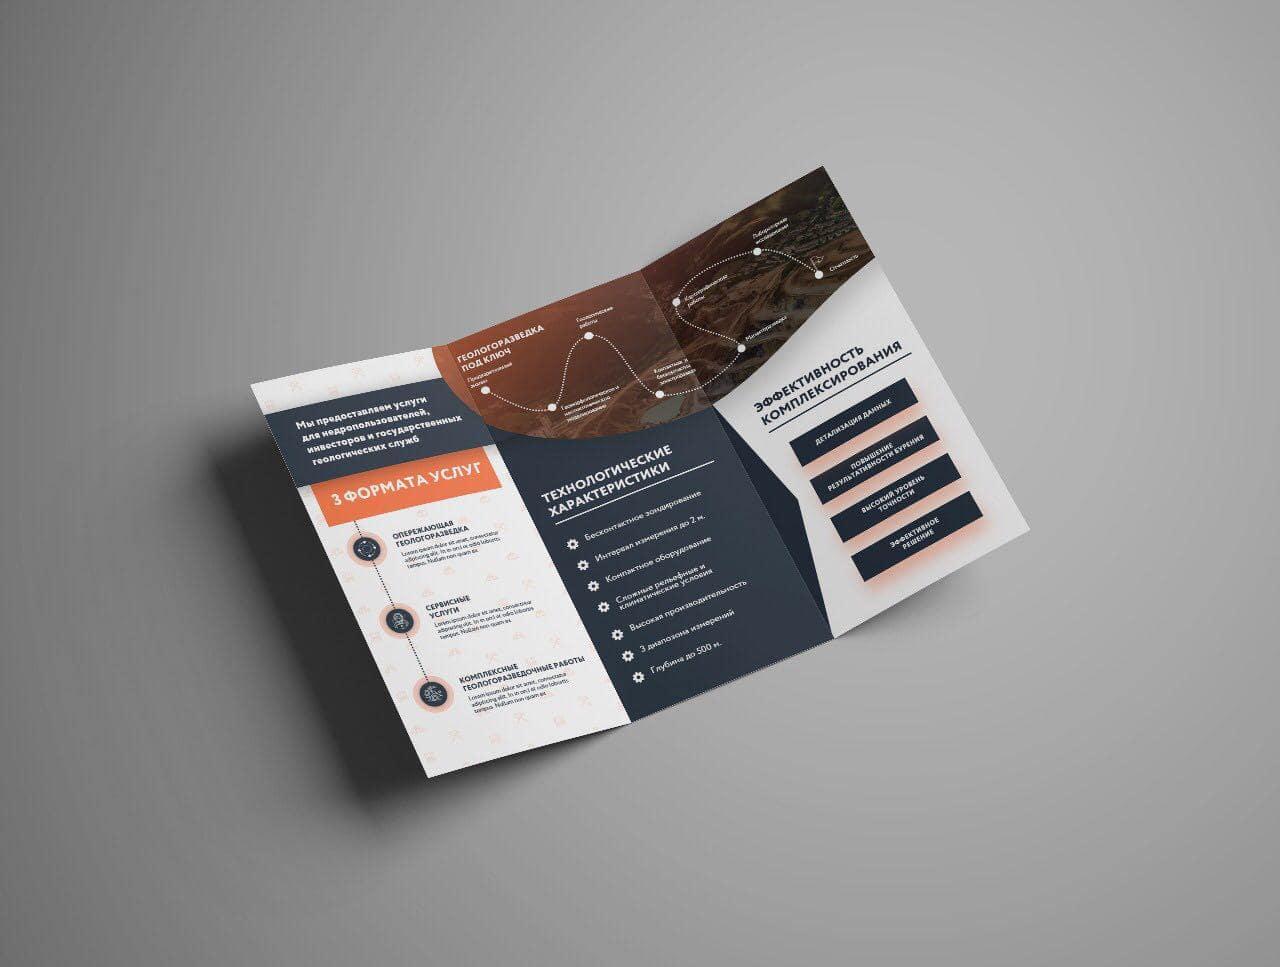 Фирменный стиль брошюра логотип